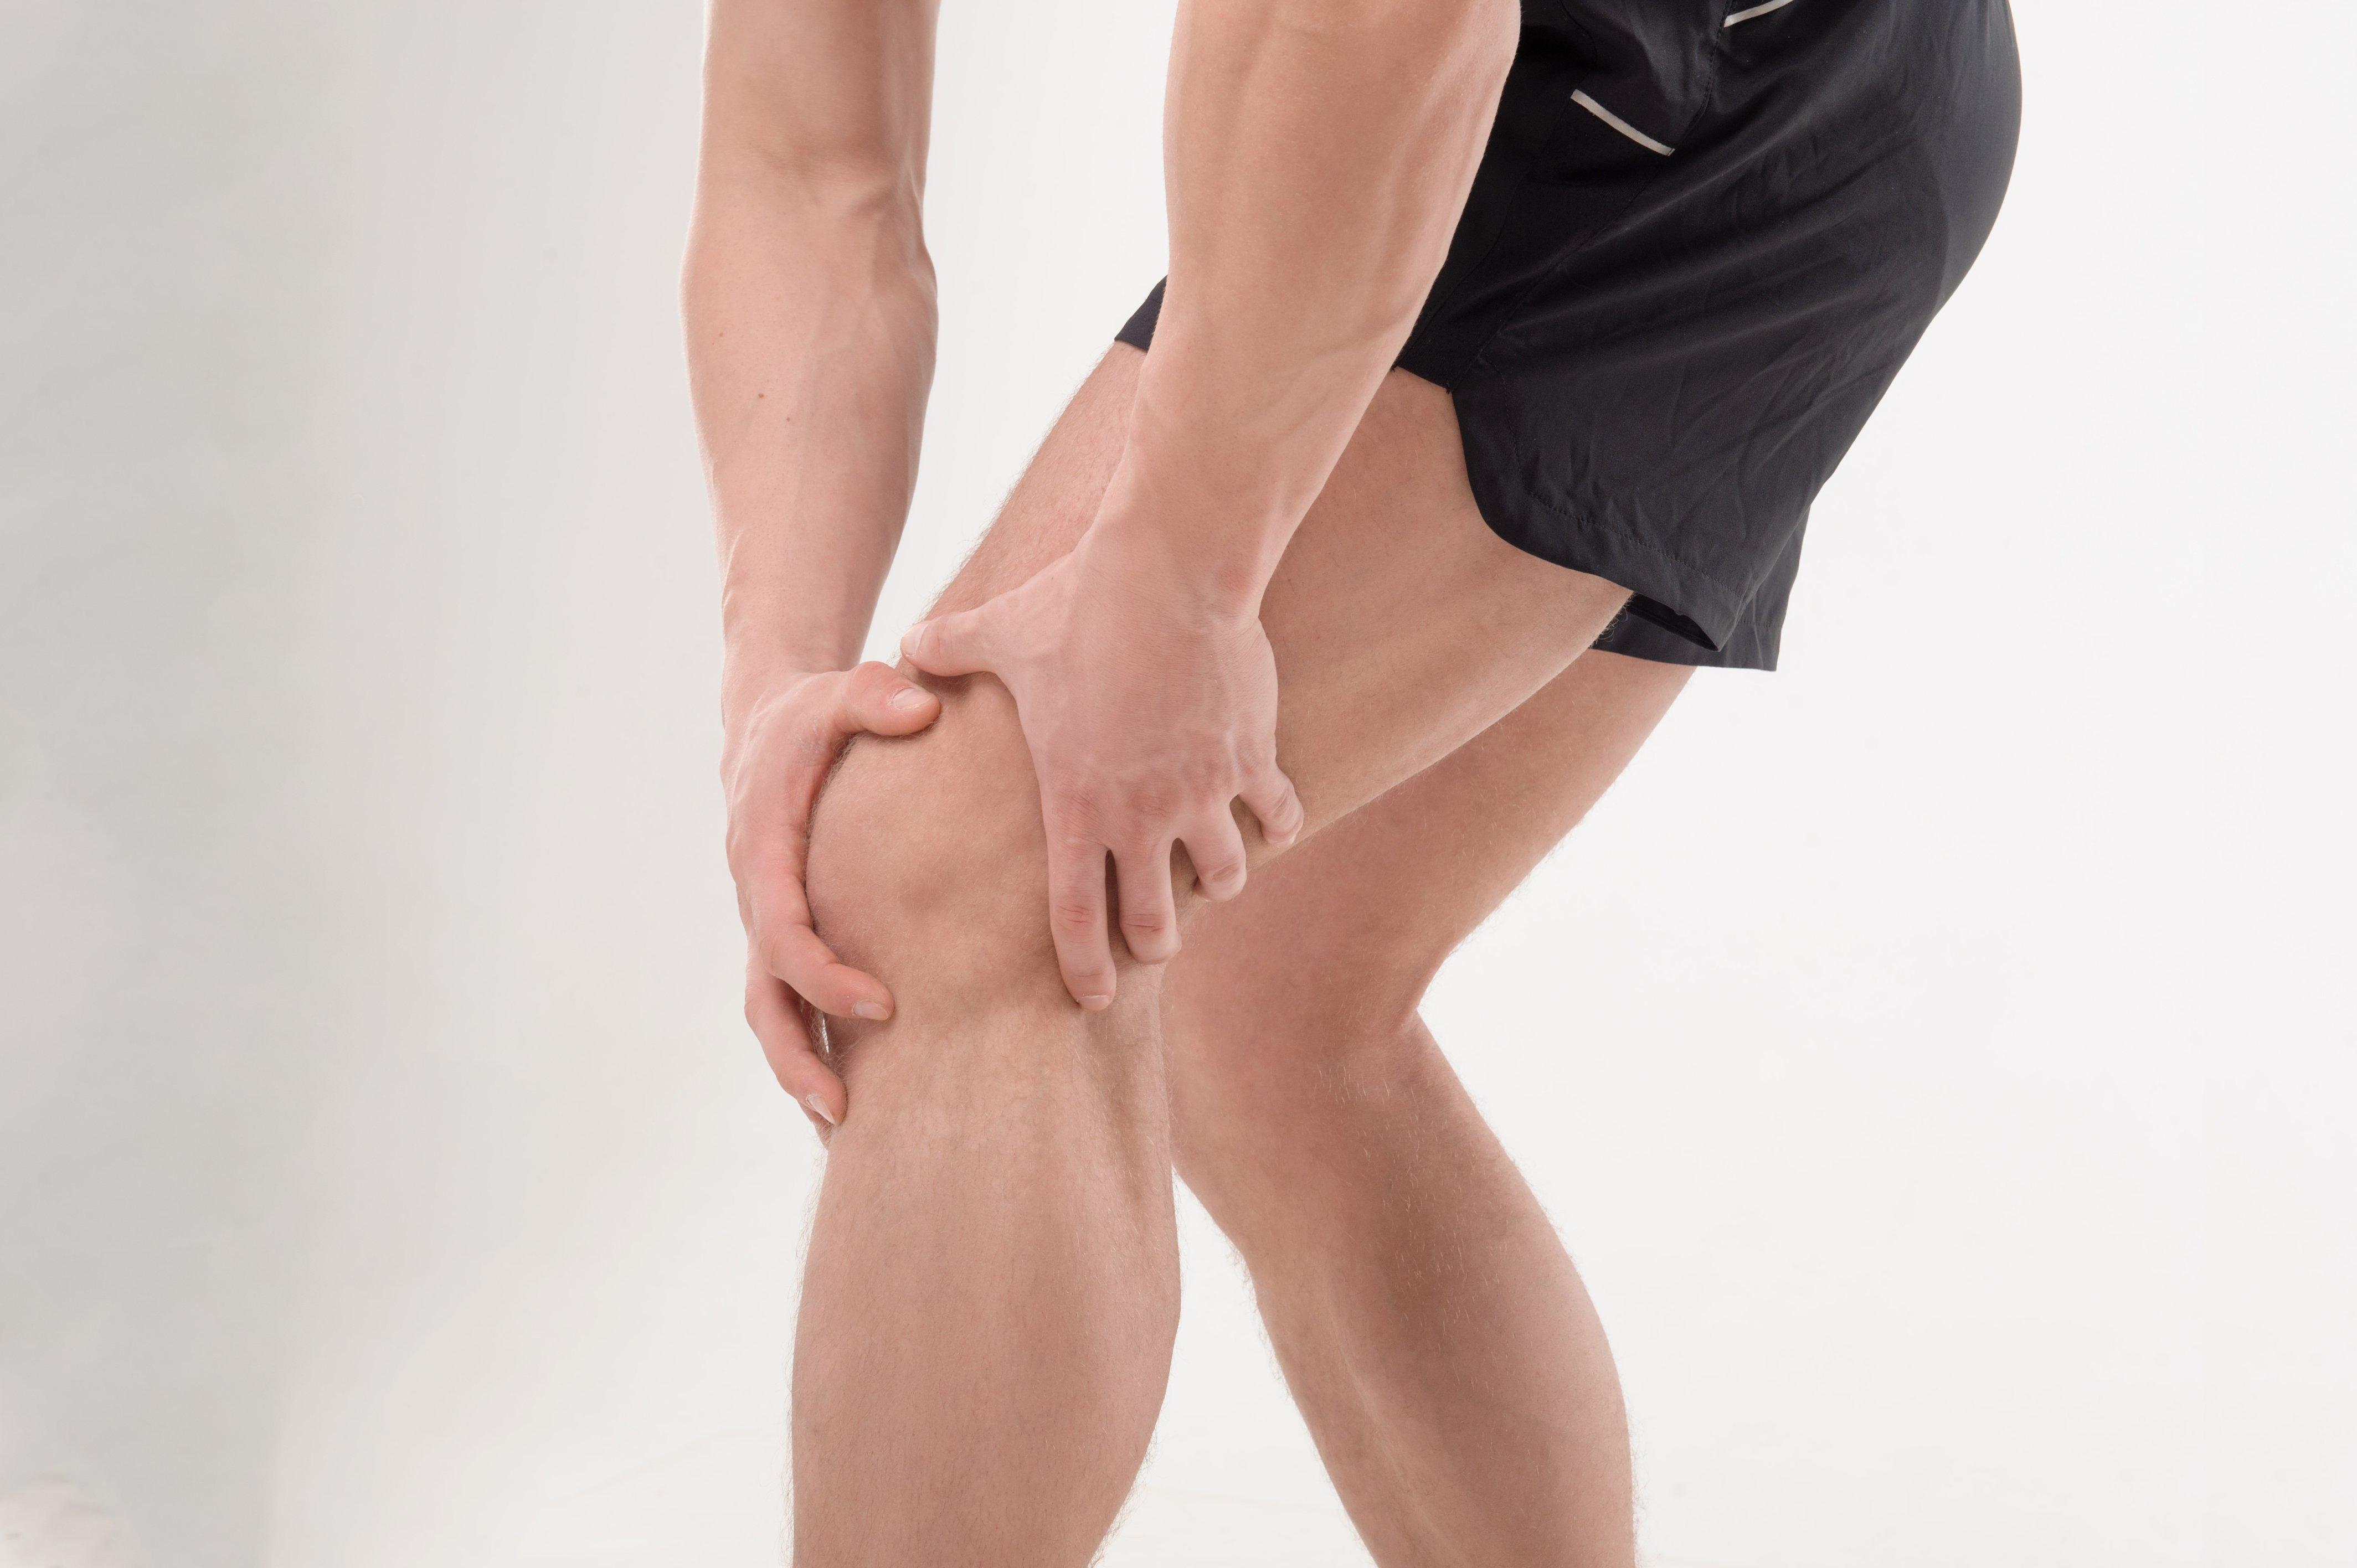 tratament pentru cartilaj la genunchi